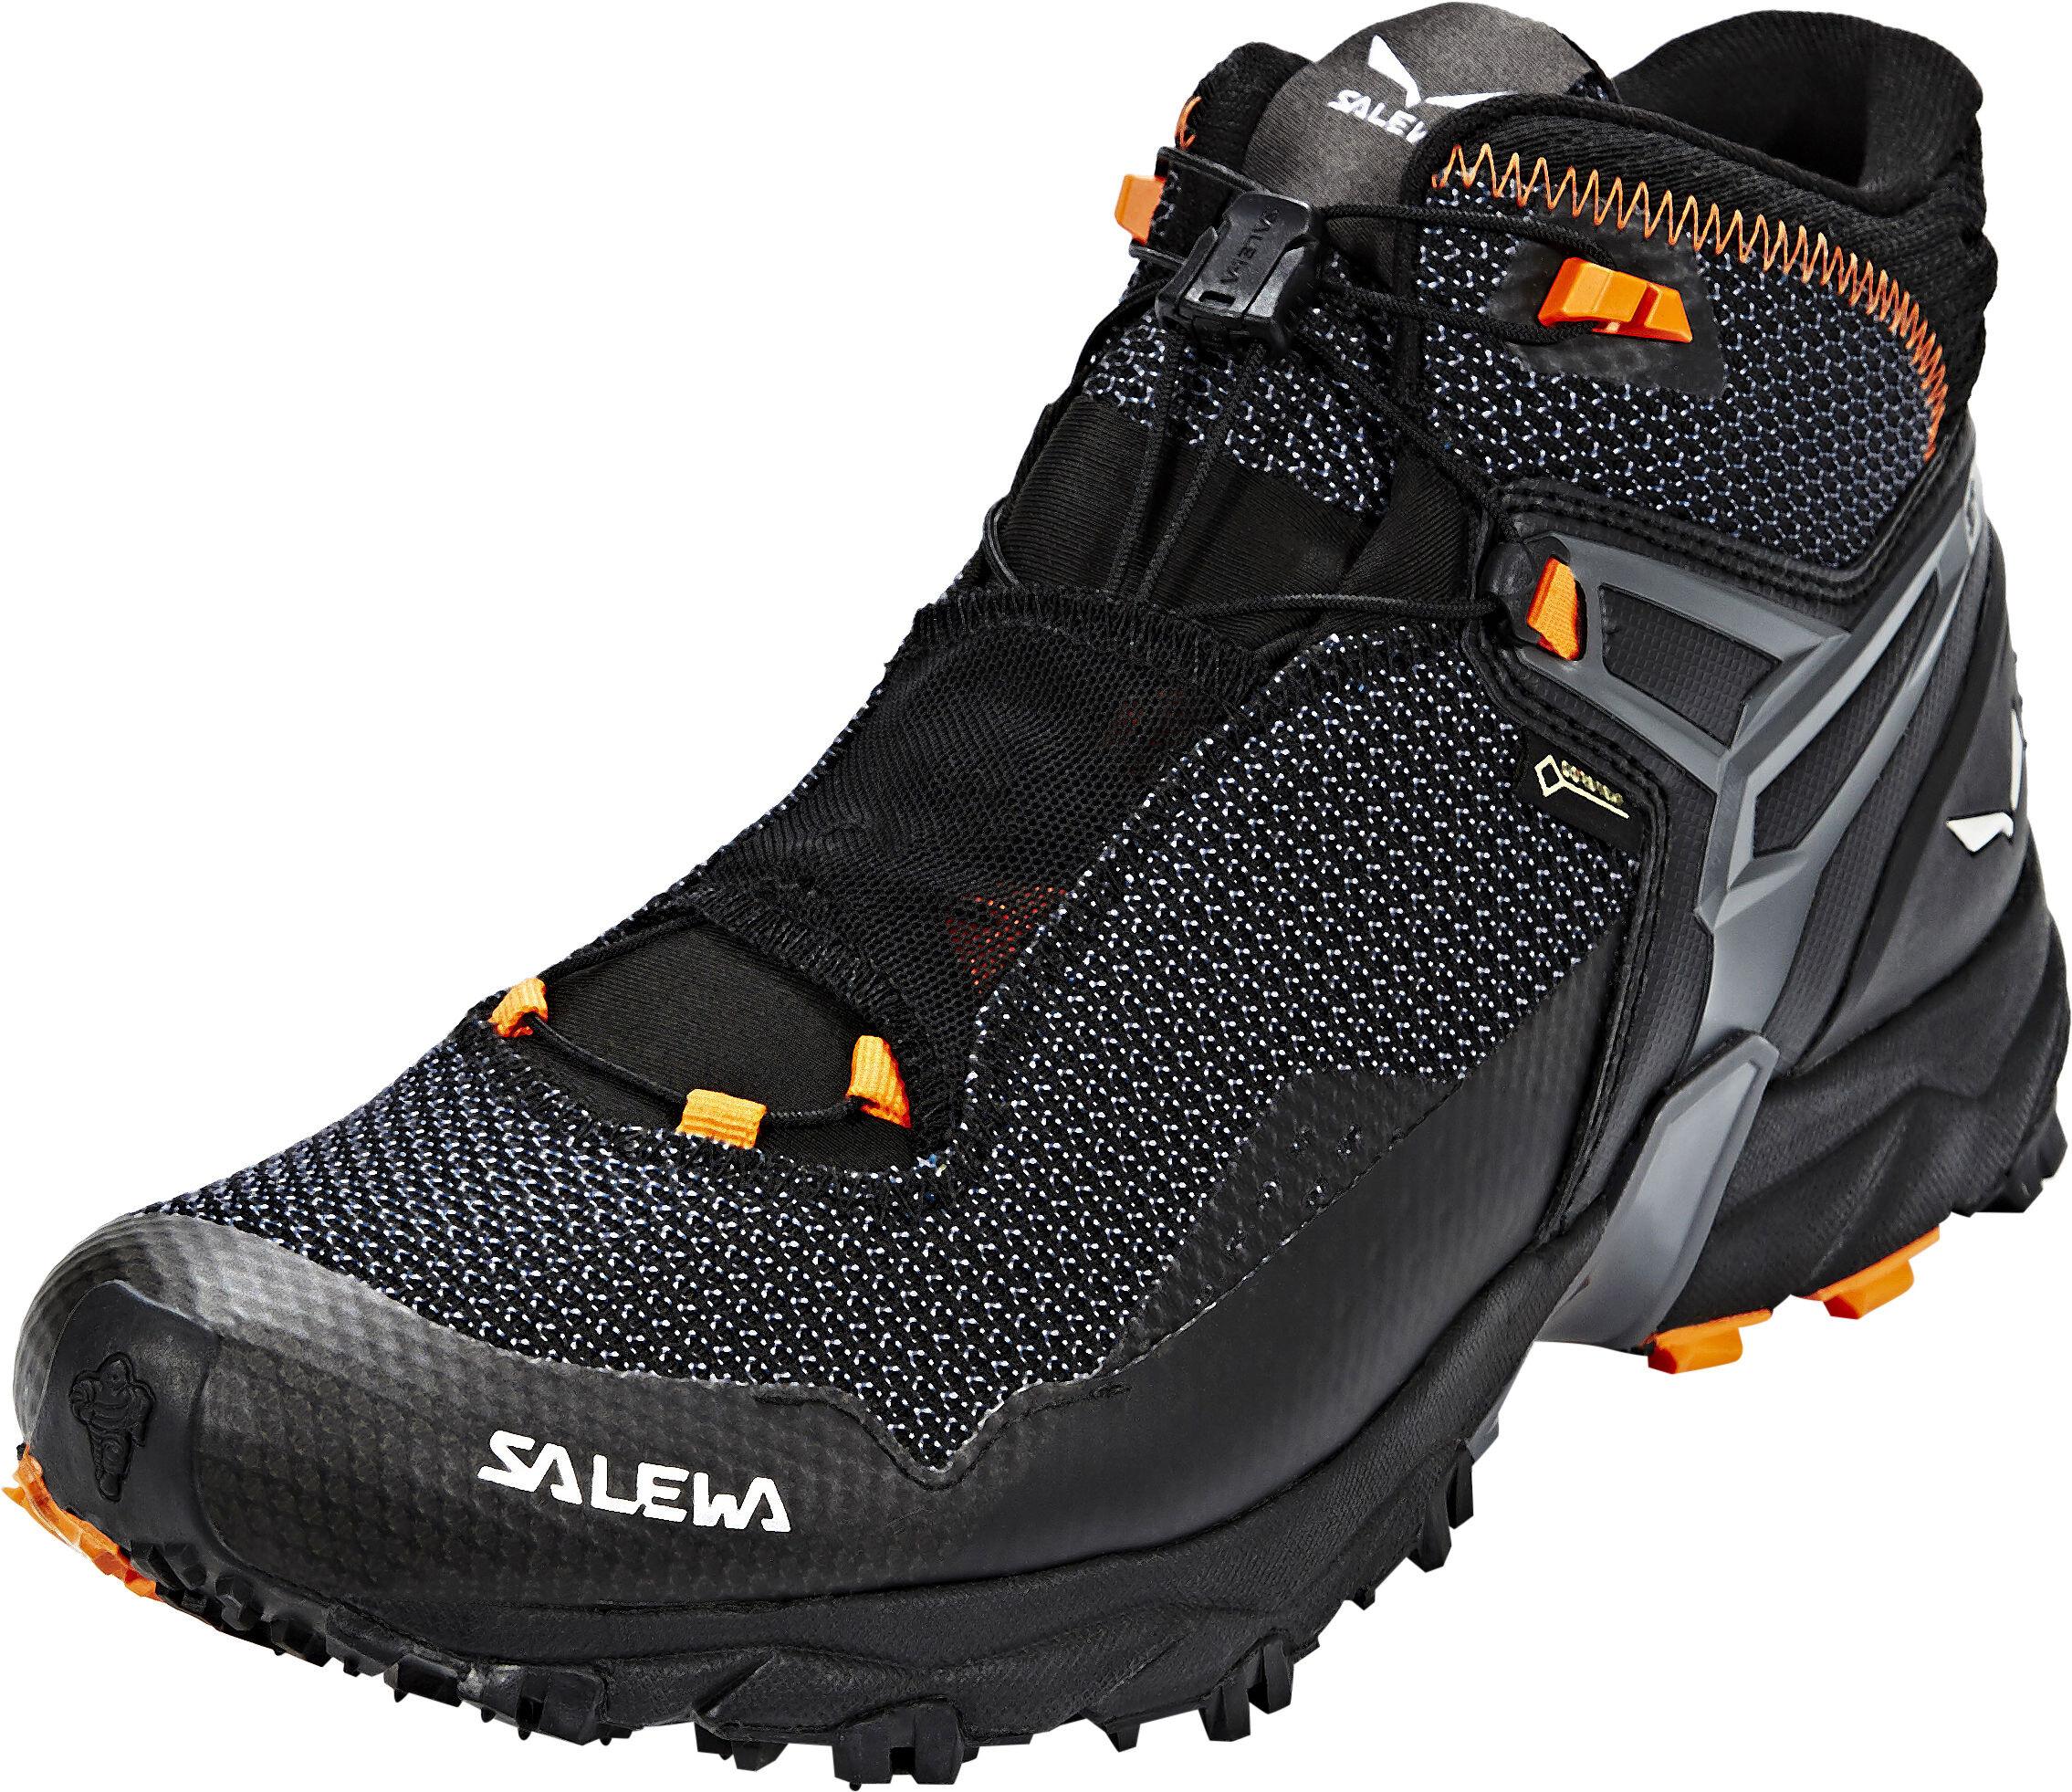 Salewa Ultra Flex Mid GTX Scarpe Uomo nero su Addnature 96298e808a4